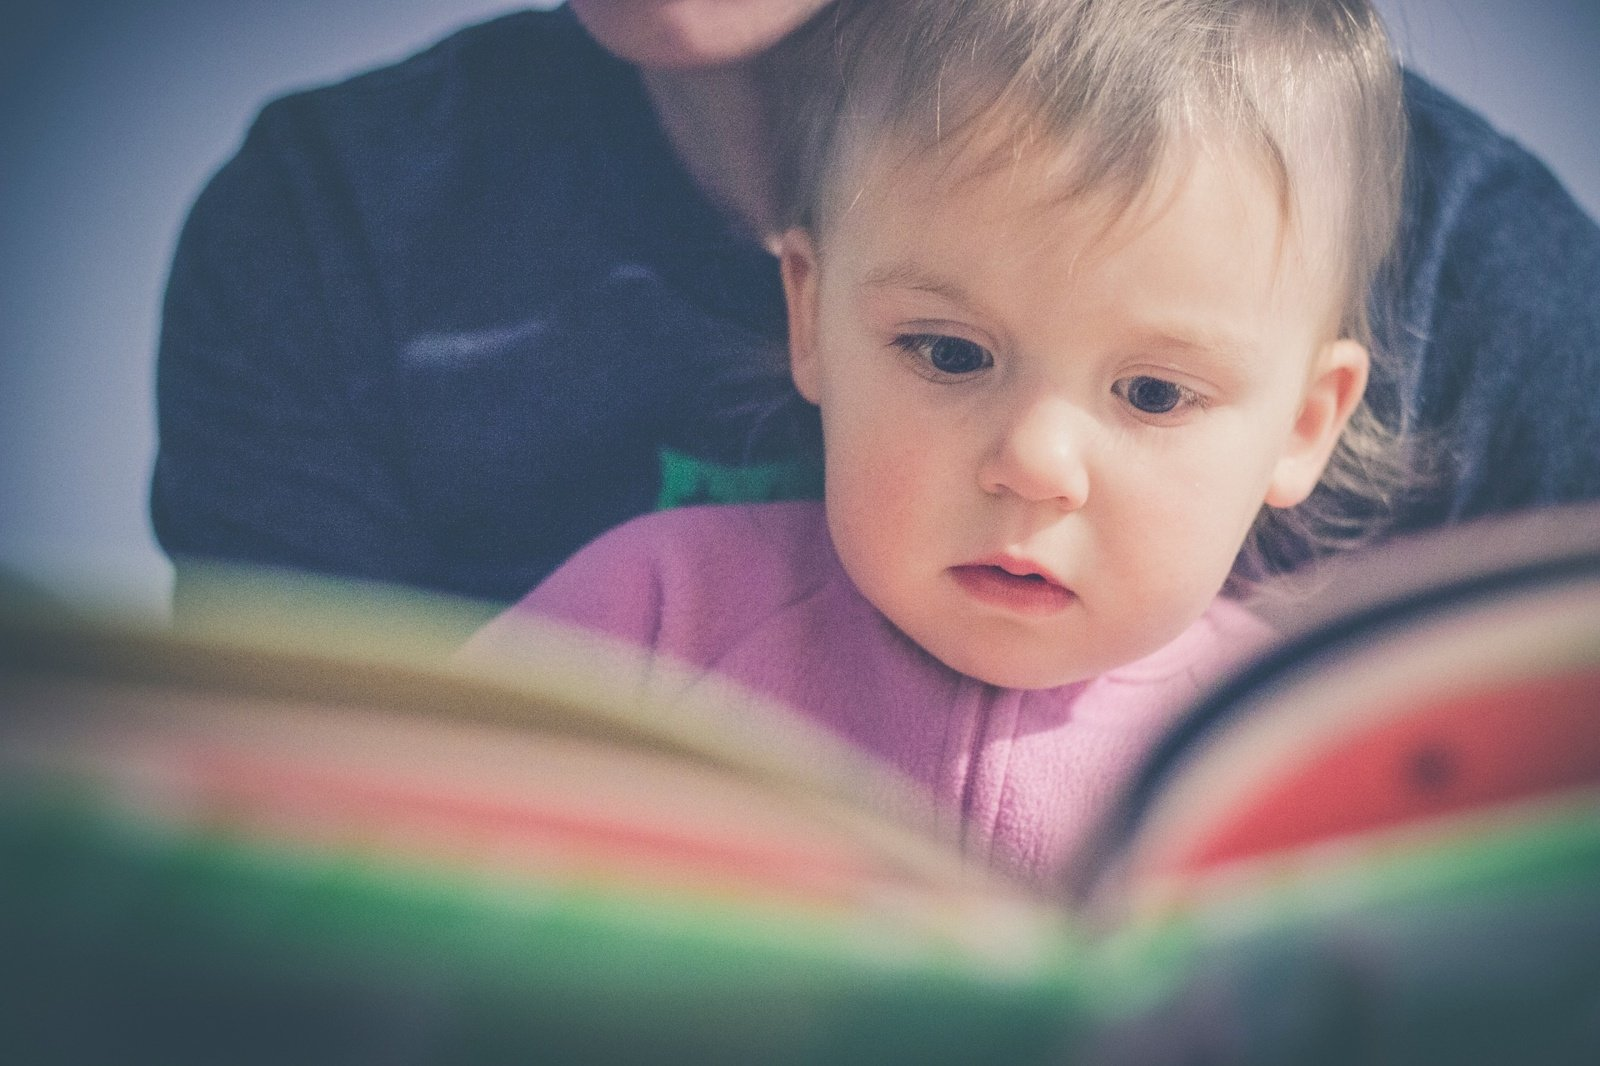 Ankstyvojo skaitymo situacija gerėja, bet dar yra ko siekti